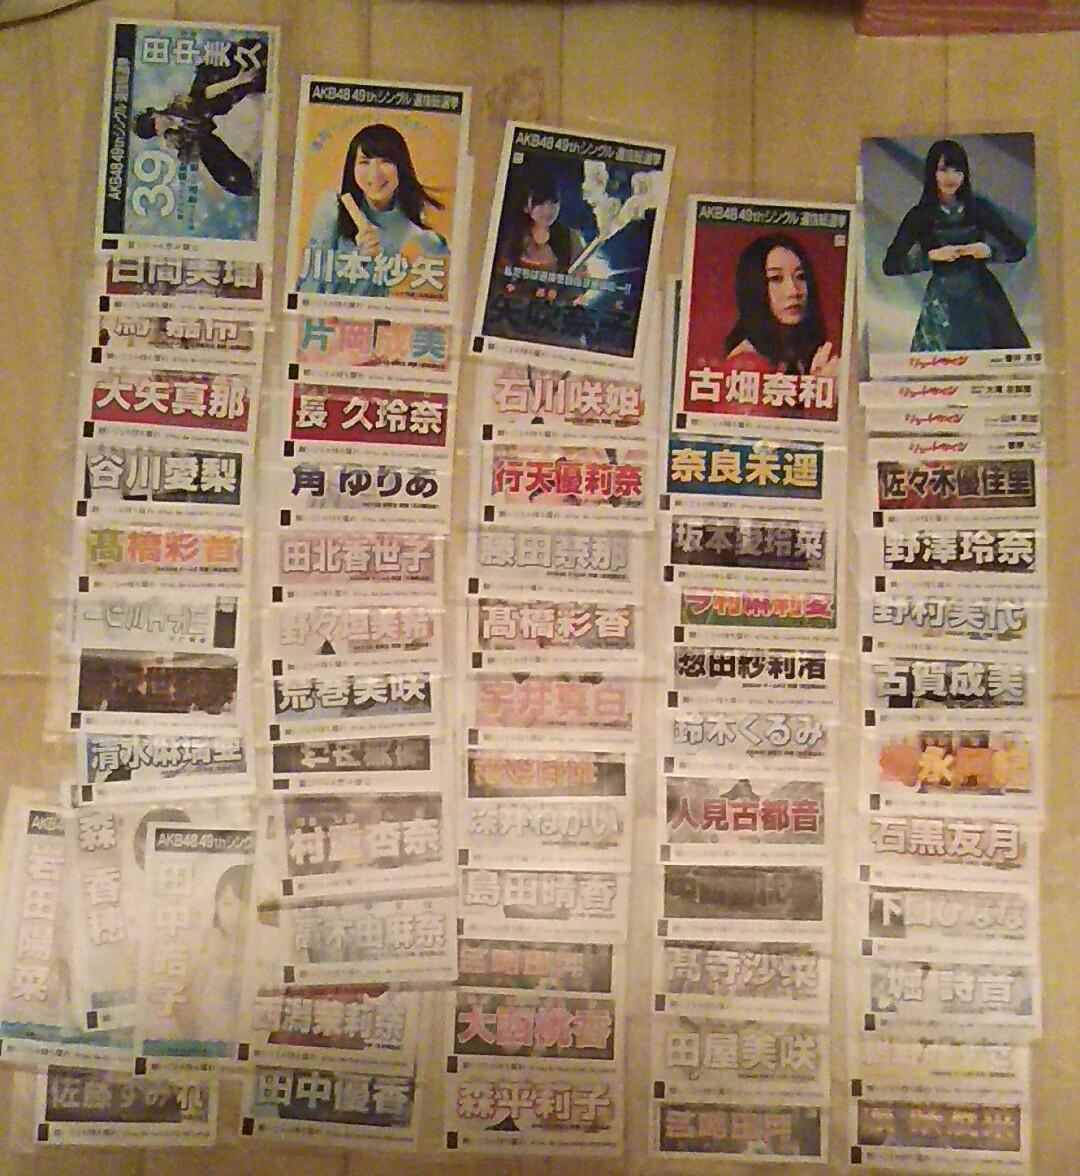 AKB48 願いごとの持ち腐れ、シュートサイン 劇場版 生写真 62枚セット ライブ・総選挙グッズの画像